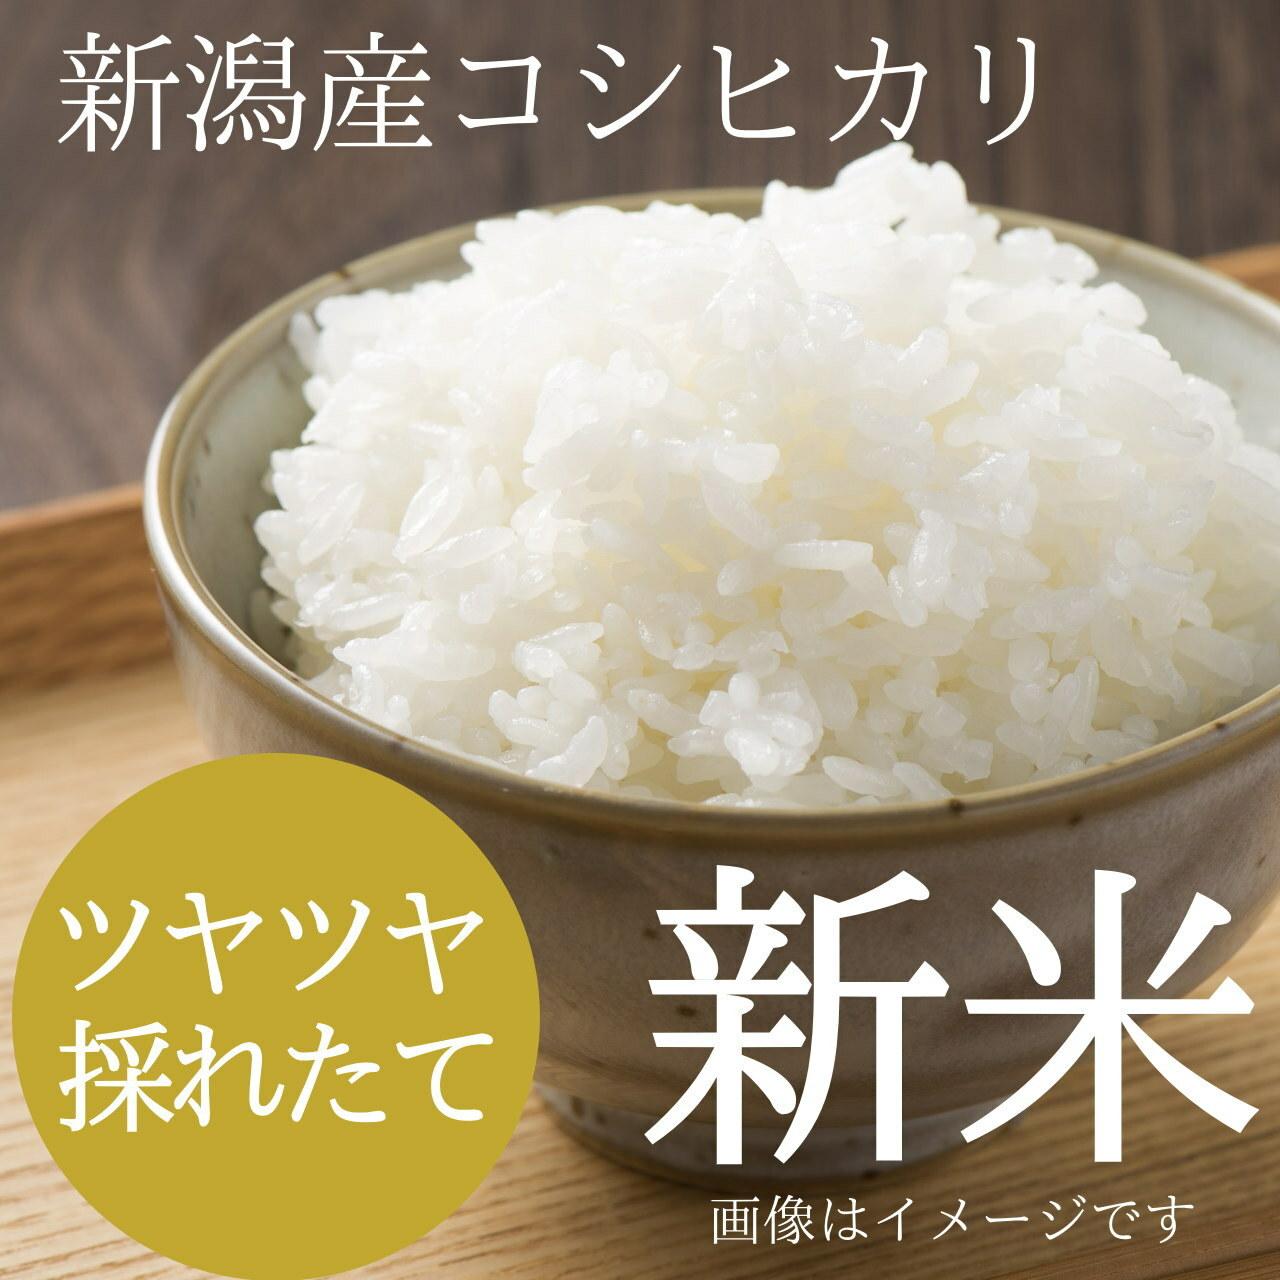 新米 新潟コシヒカリ 5kg (5キロ)新潟米 精白米 農家のお米 2019年 新潟県阿賀野産